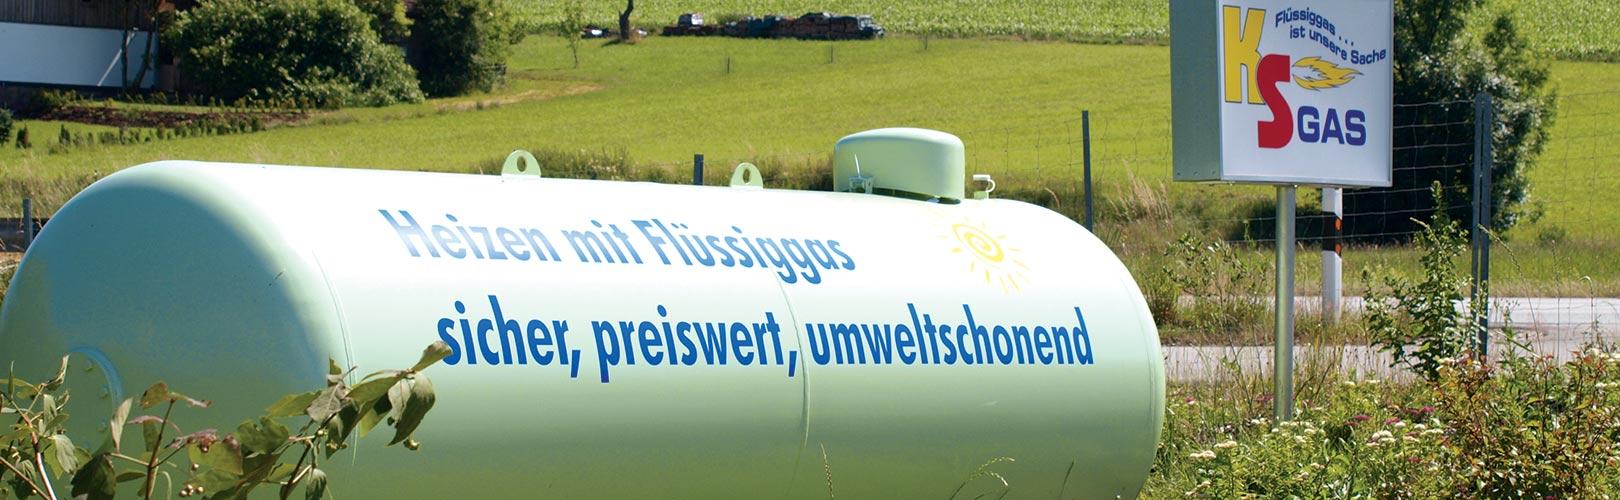 Flüssiggas - die umweltbewusste Alternative